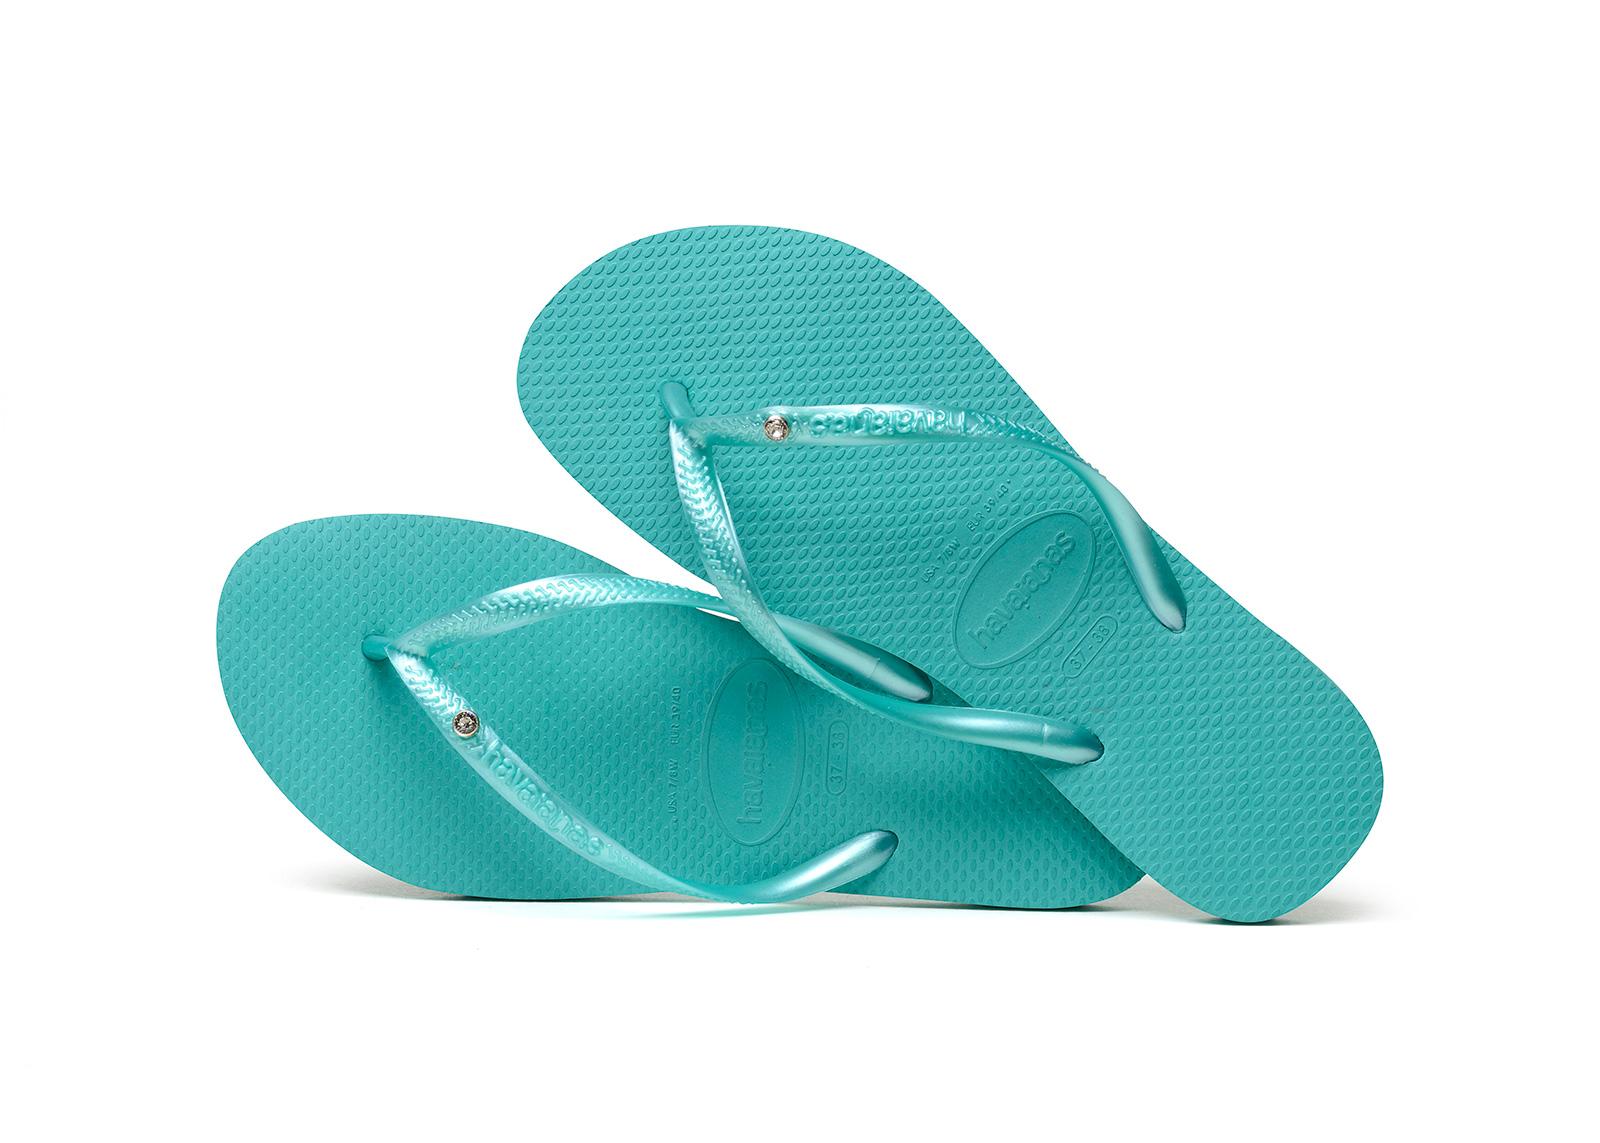 Flip-Flops Flip-Flops - Havaianas Slim Crystal Sw Lake Green-6885